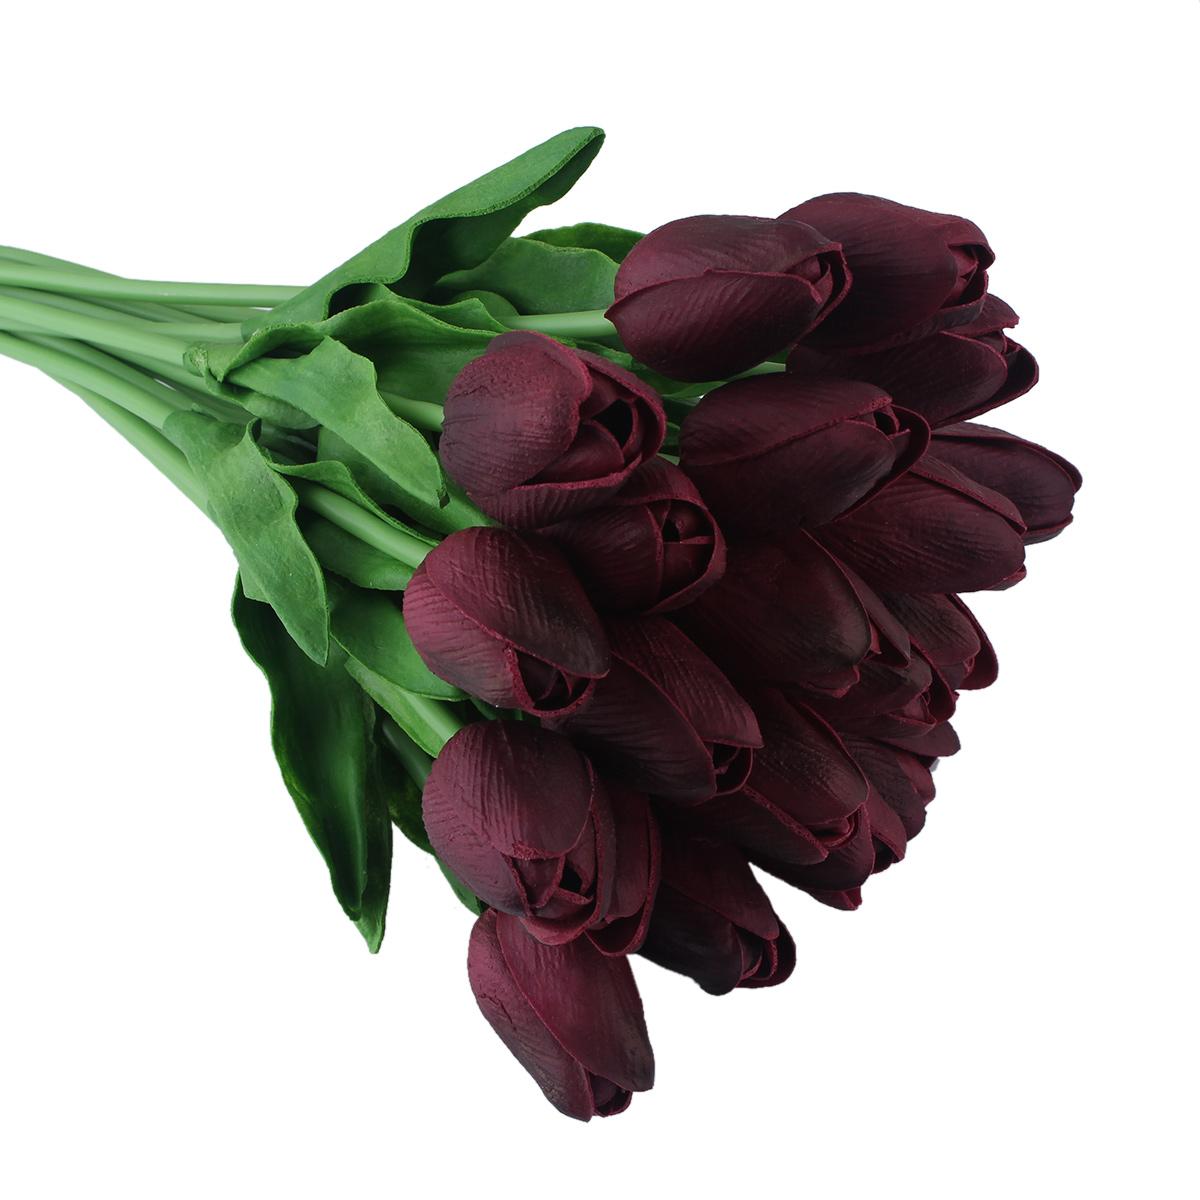 1stk tulpe k nstliche blumen latex echt ber hrung hochzeit hochzeitsstrau ebay. Black Bedroom Furniture Sets. Home Design Ideas